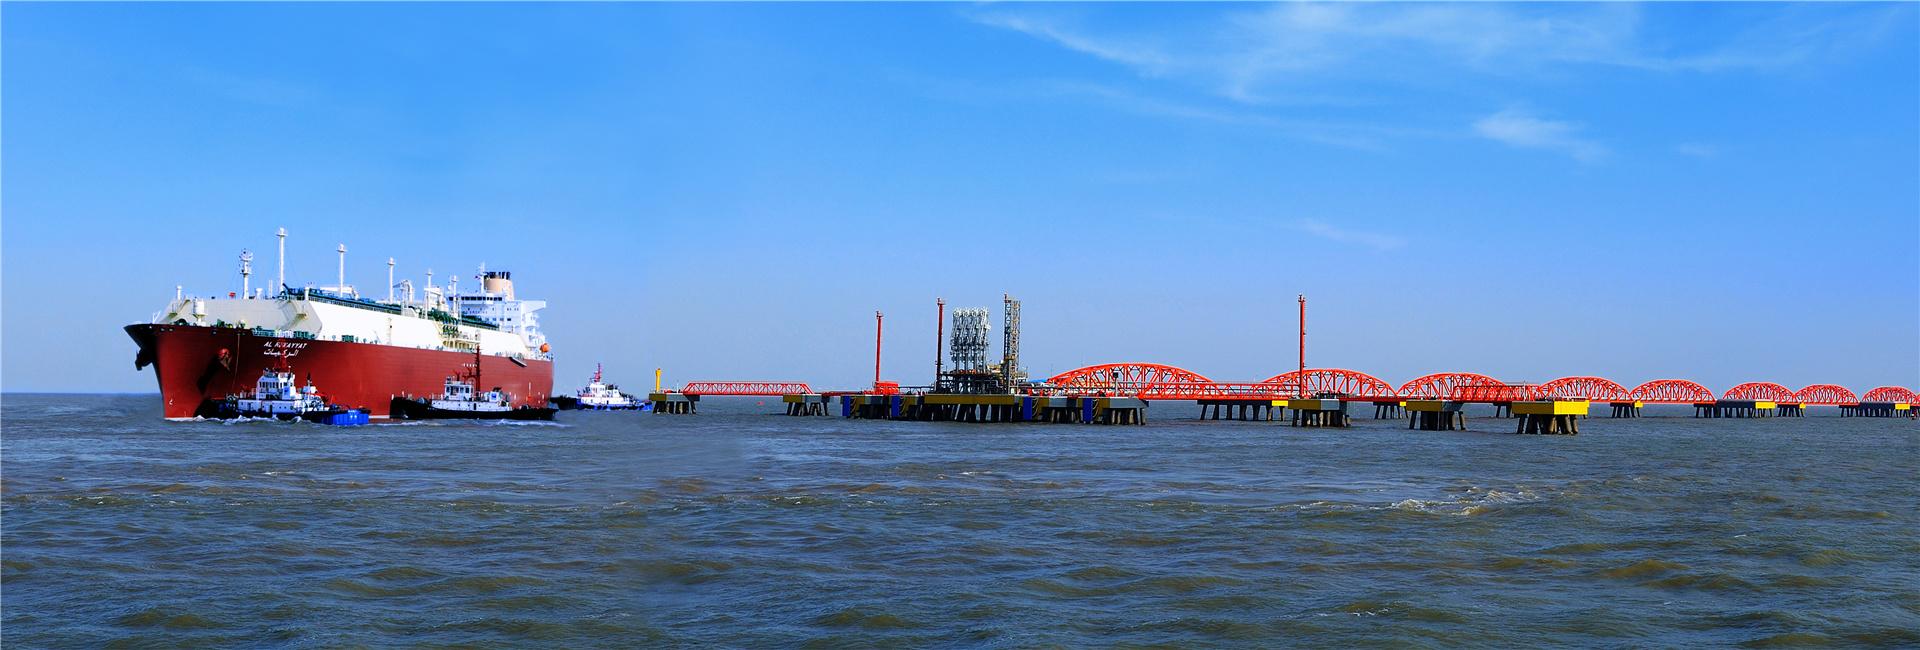 New expressway linking Nantong and Yangkou Port under construction